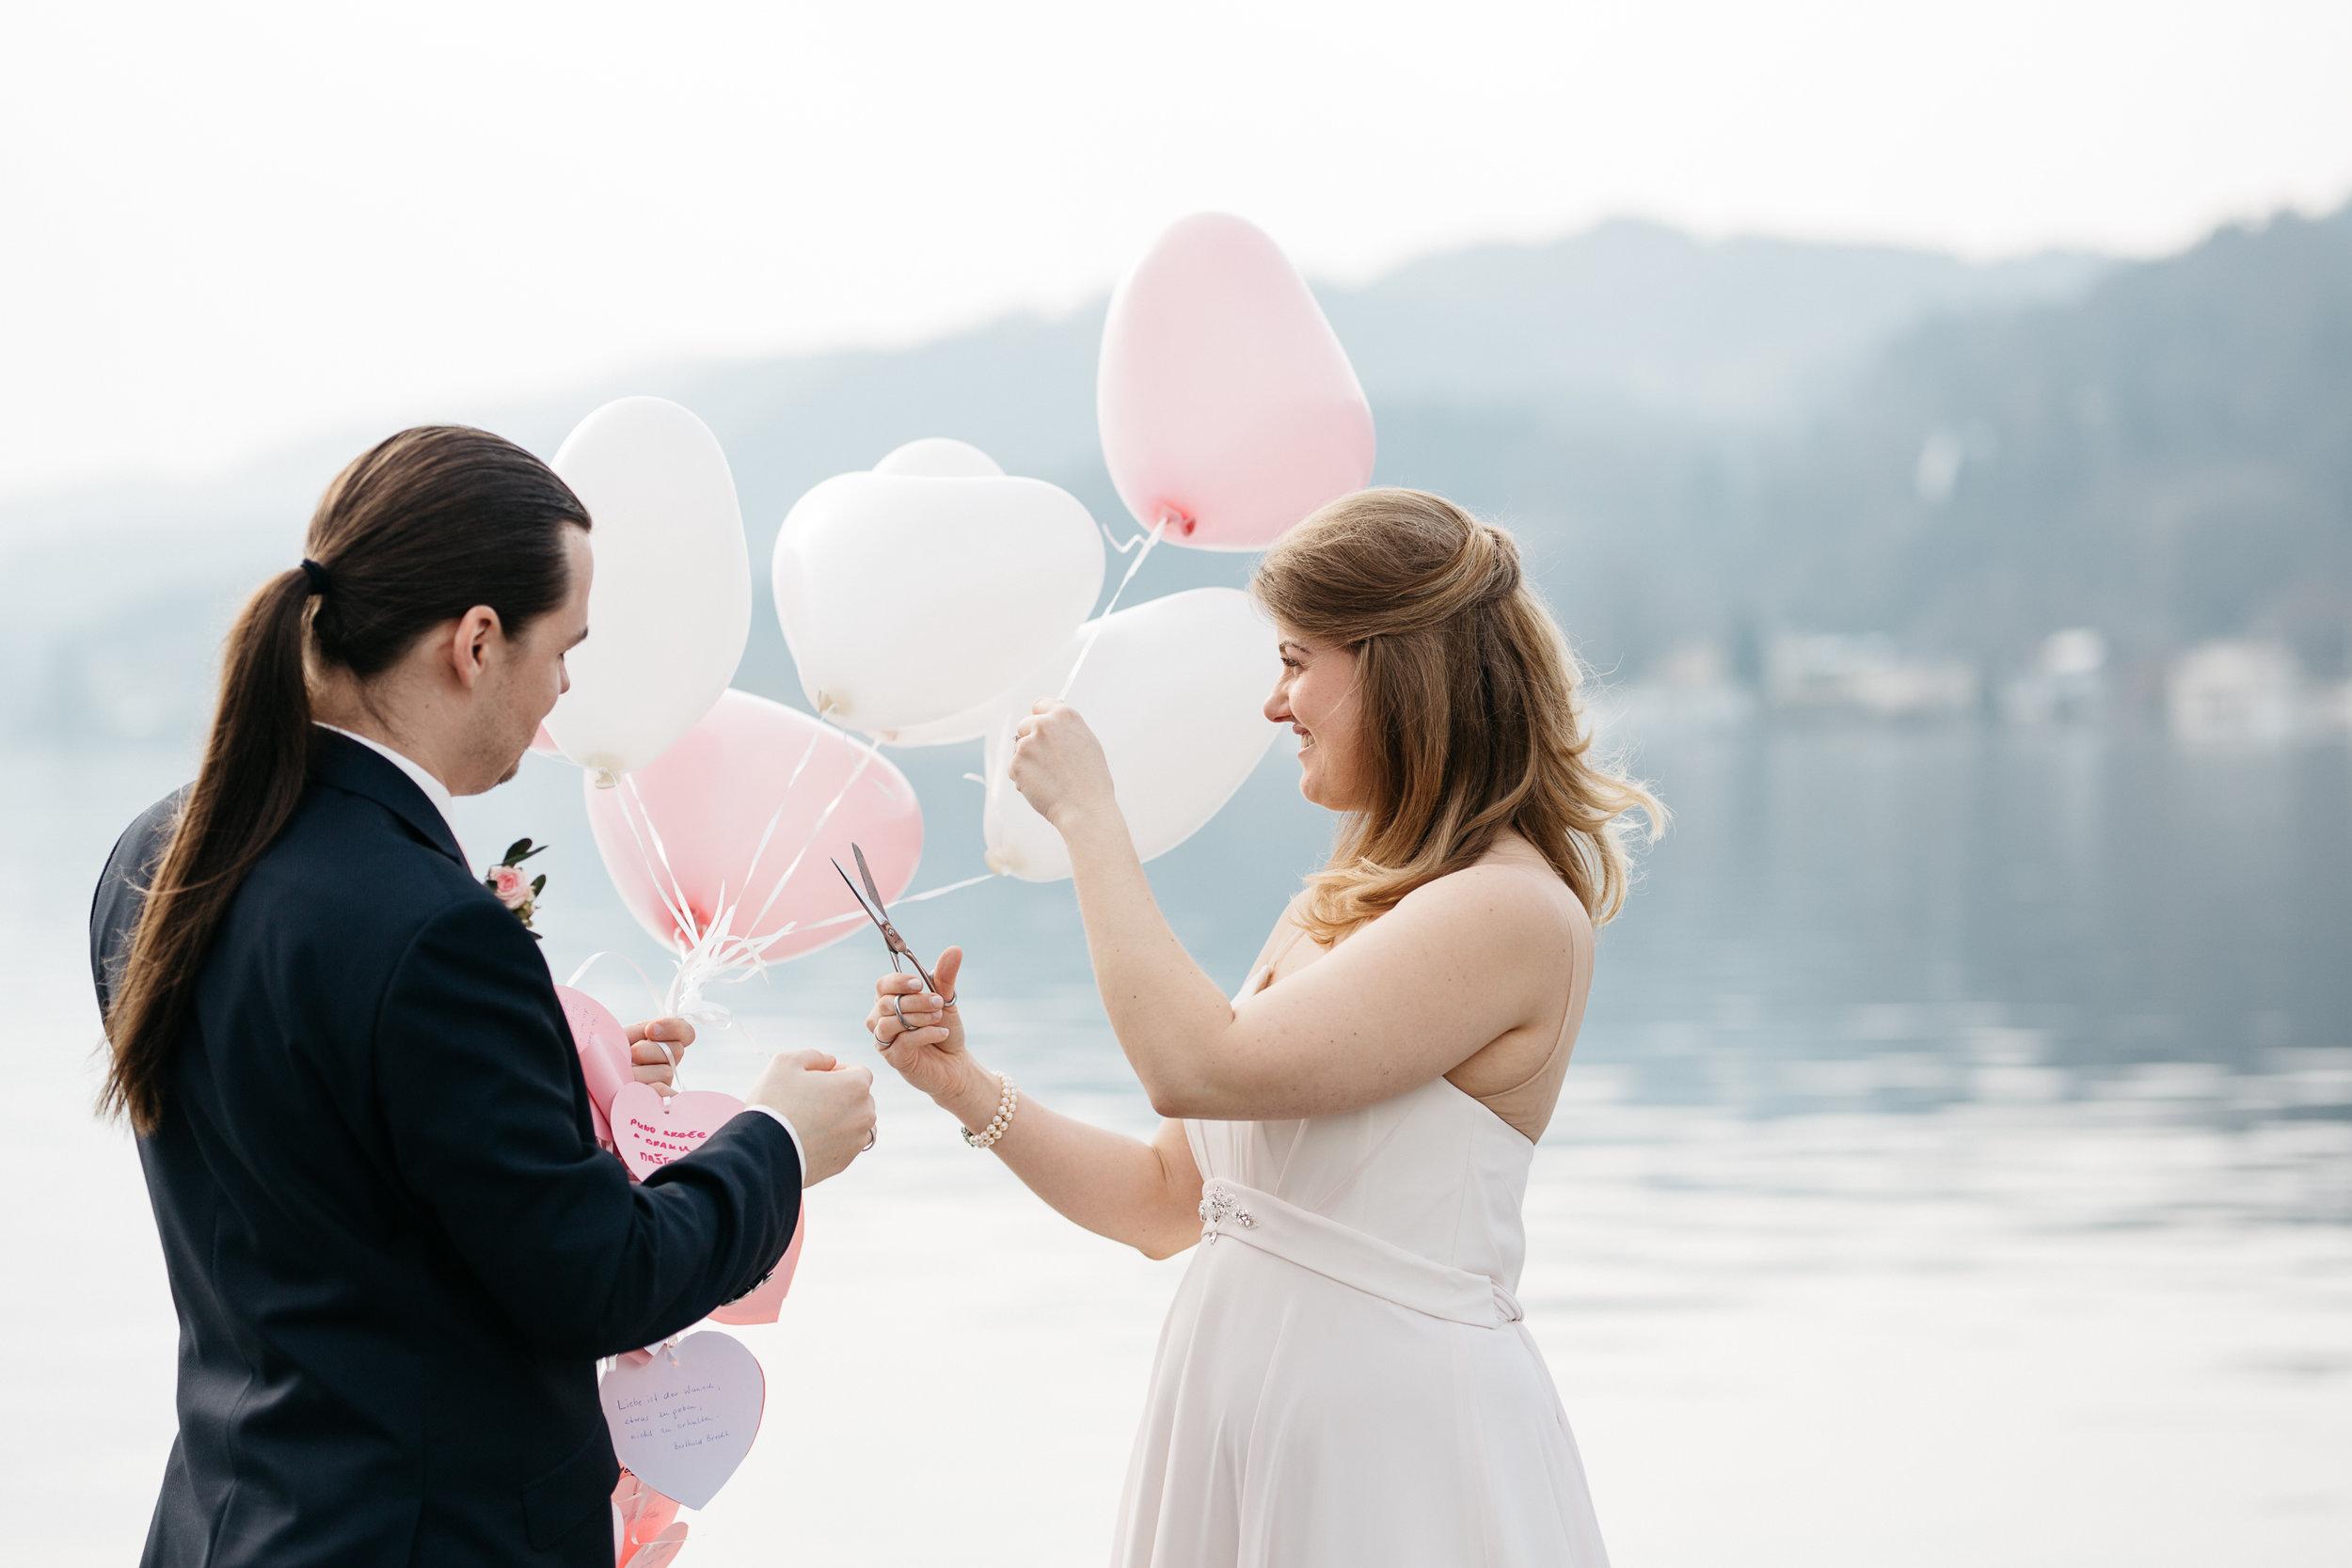 spring_lake_wedding_in_white_rose-13.jpg